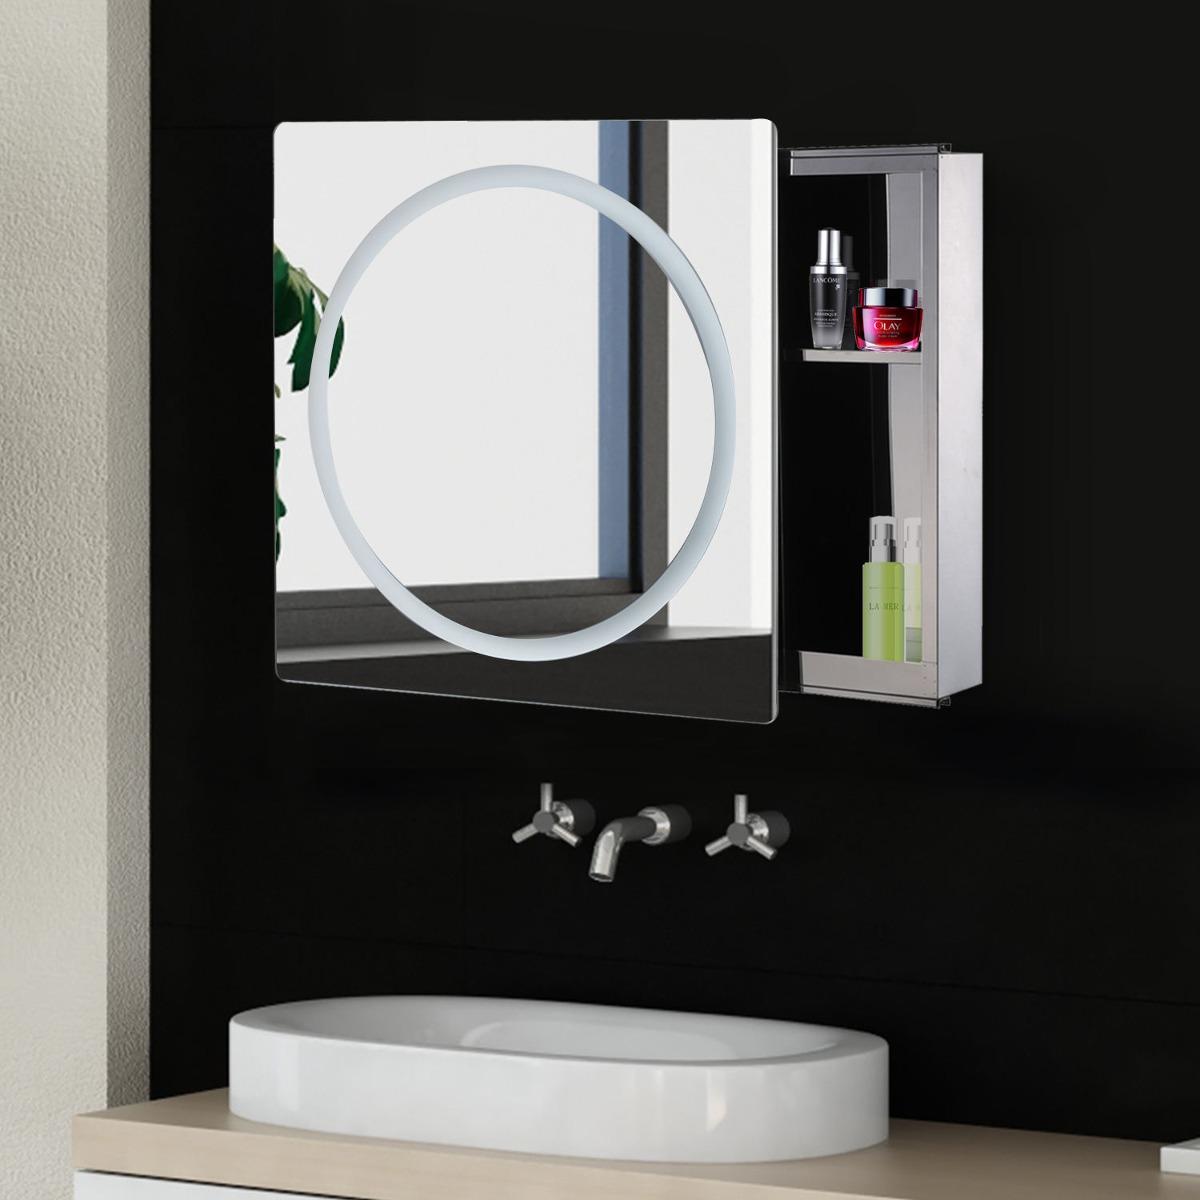 Tira De Led Espejo Gabinete Moderno Cuarto De Baño Puerta - $ 99.000 ...